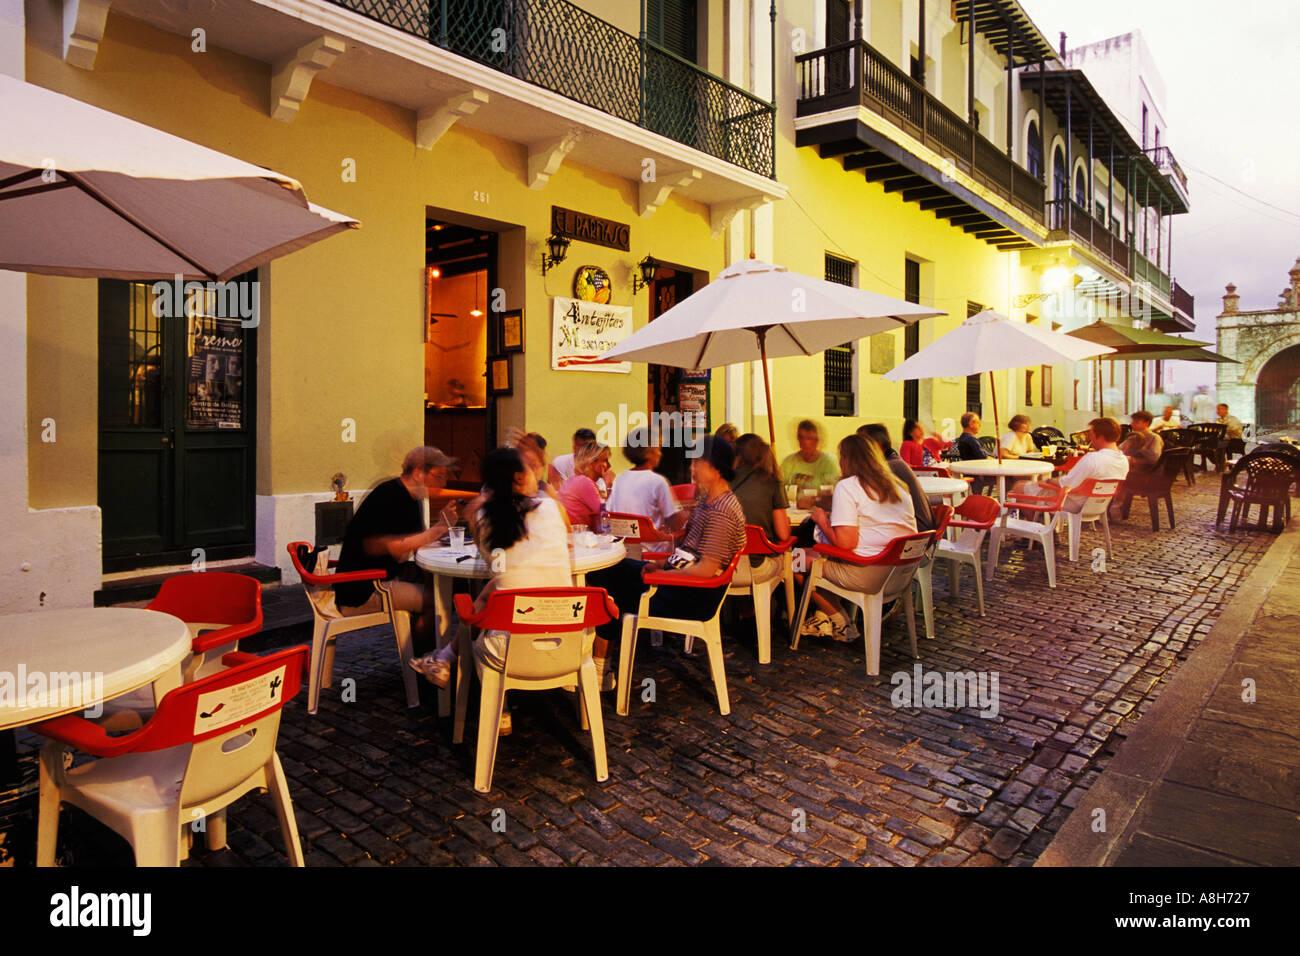 Puerto rico san juan outdoor cafe calle del cristo